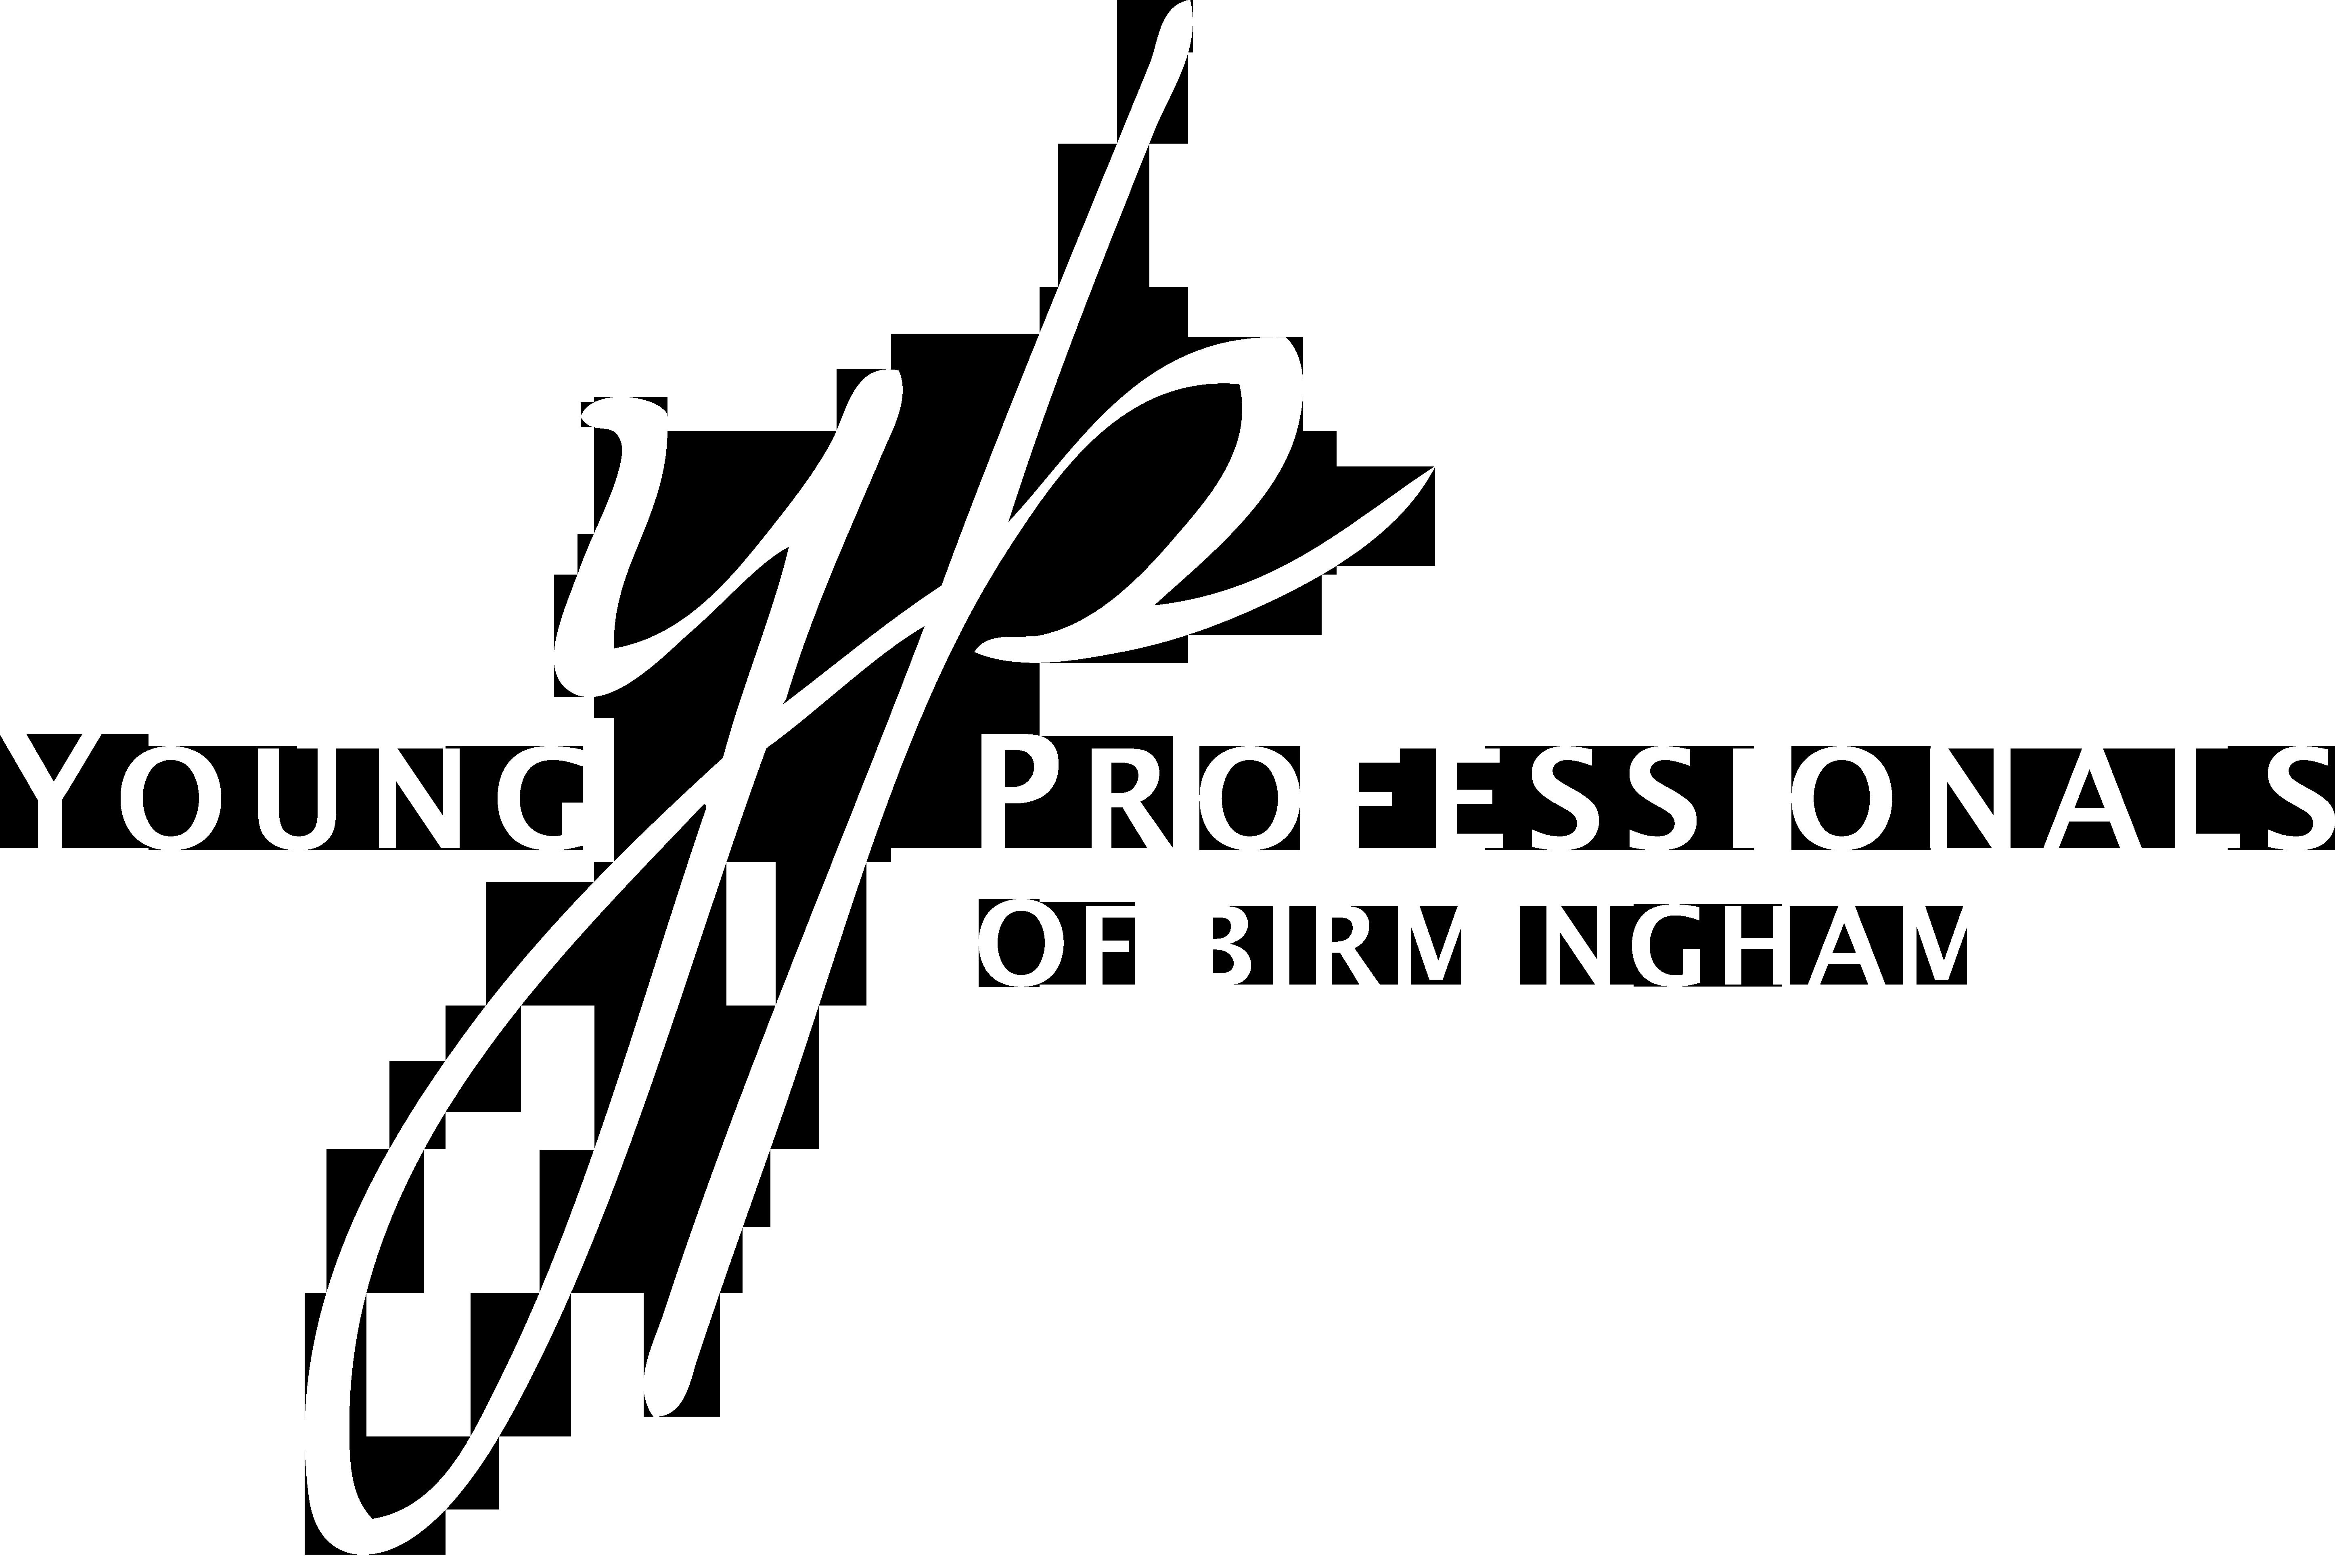 YPBirmingham